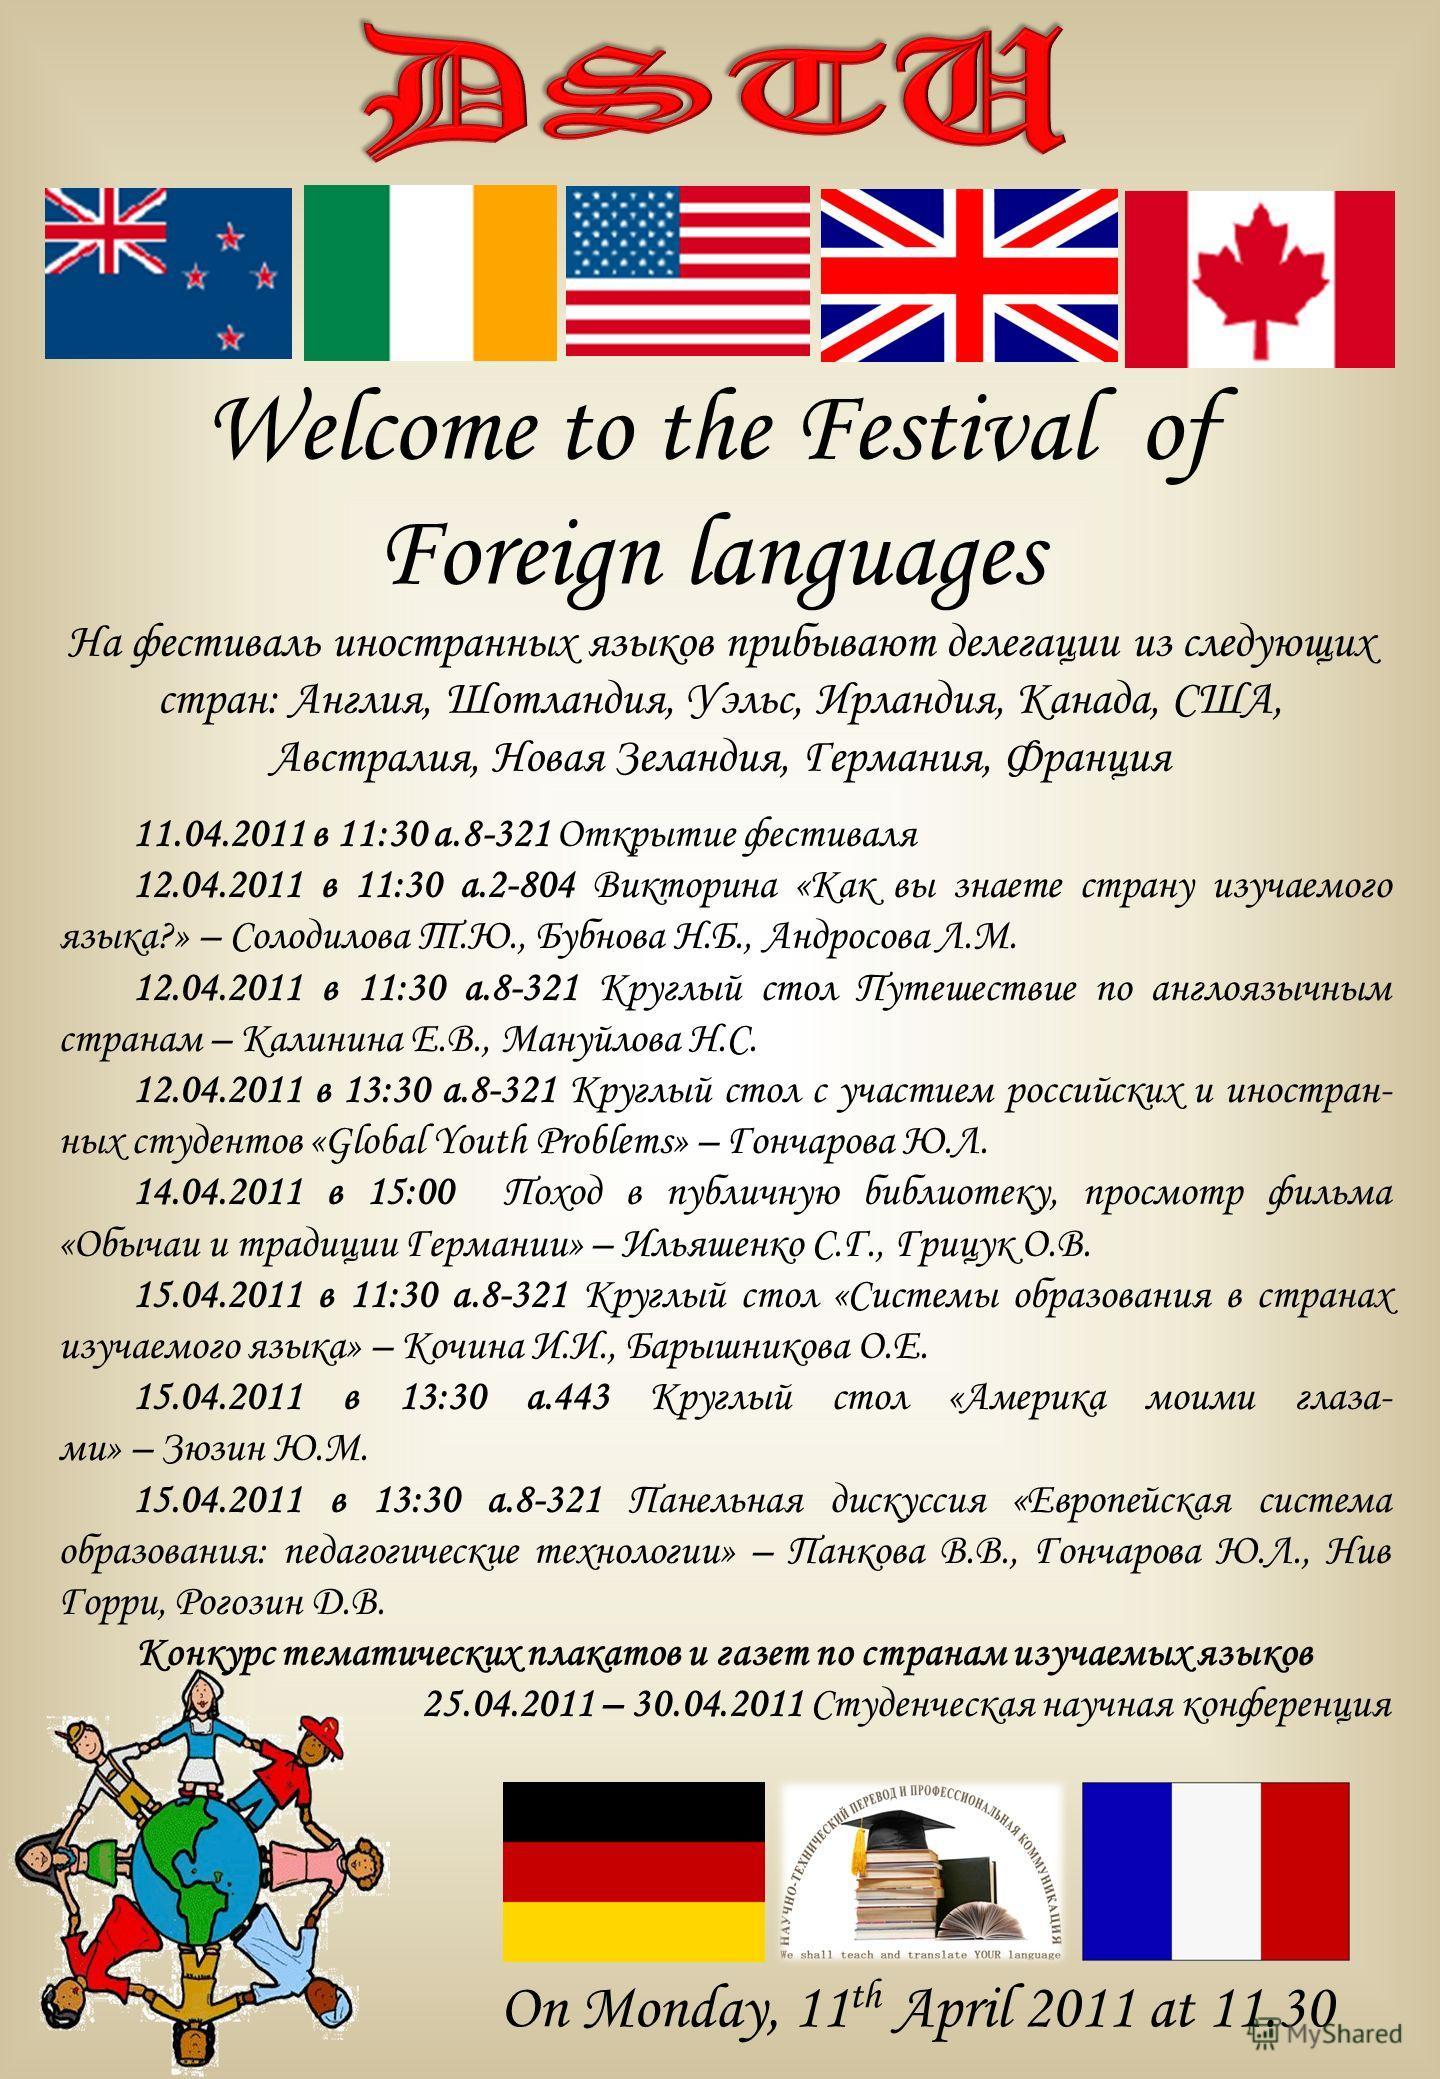 Welcome to the Festival of Foreign languages On Monday, 11 th April 2011 at 11.30 На фестиваль иностранных языков прибывают делегации из следующих стран: Англия, Шотландия, Уэльс, Ирландия, Канада, США, Австралия, Новая Зеландия, Германия, Франция 11